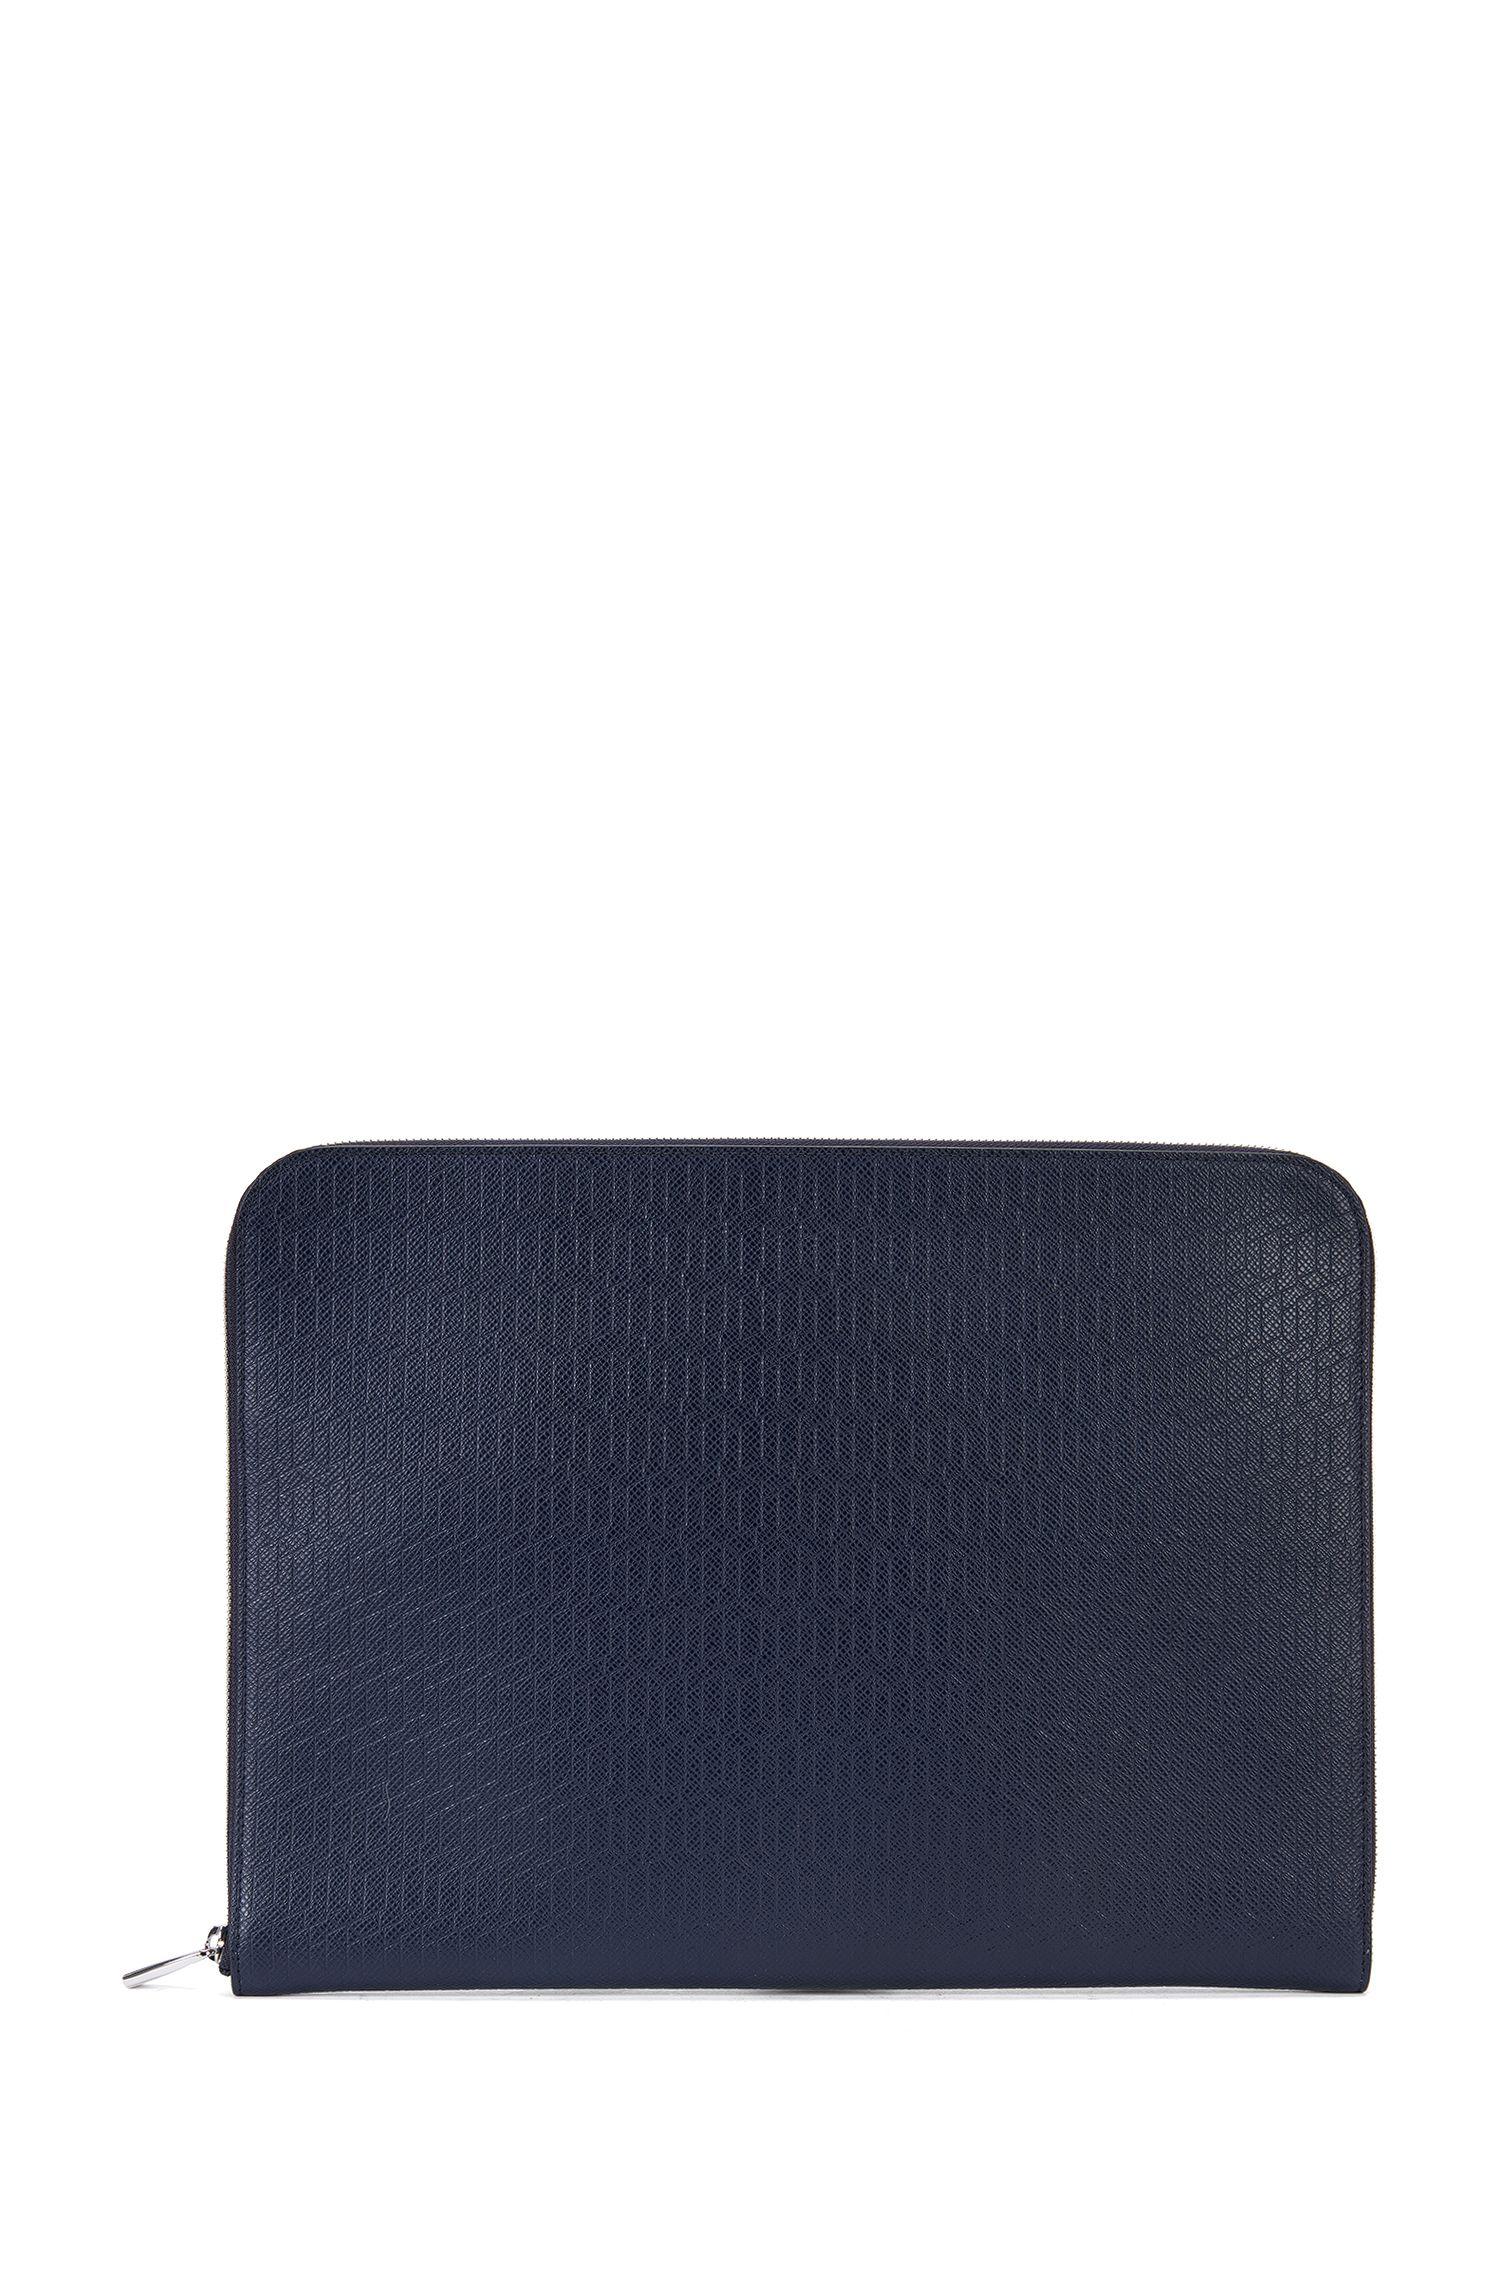 Embossed Leather Portfolio Case | Signature HE Portf, Dark Blue